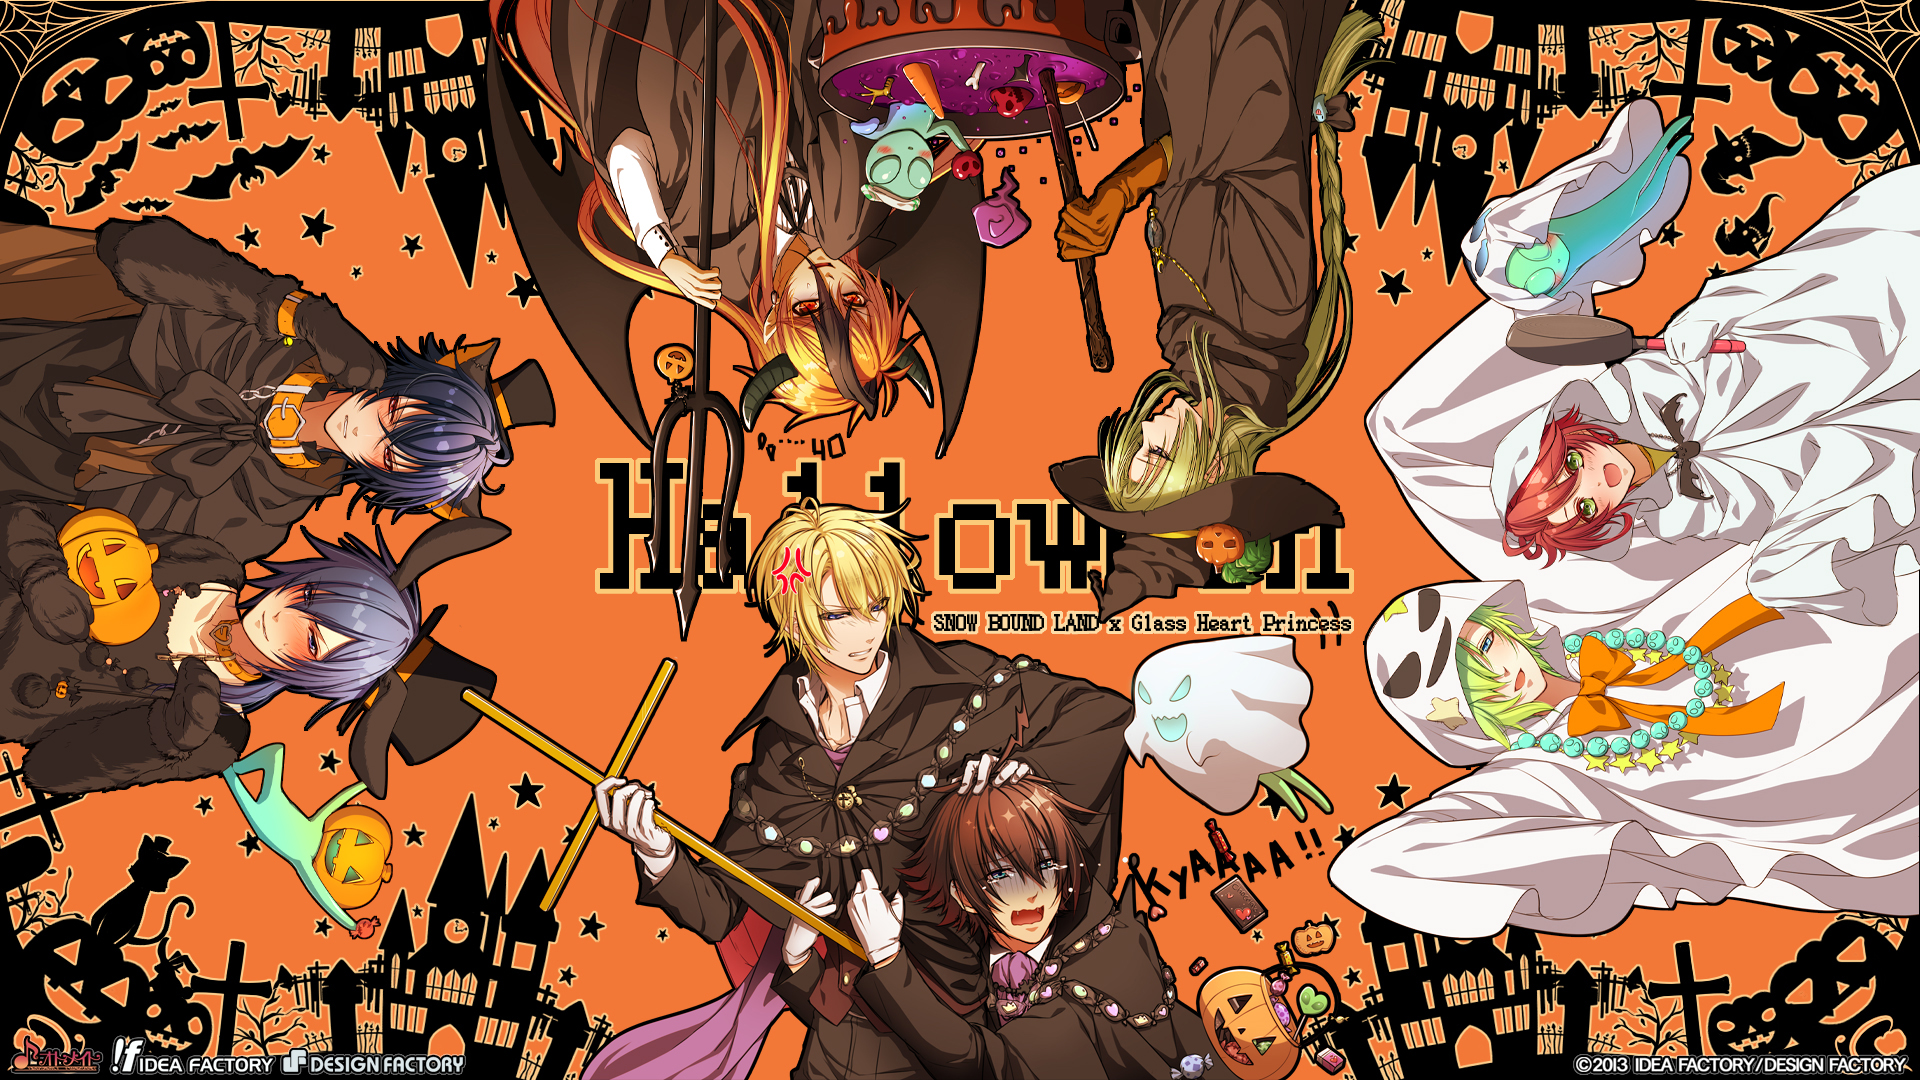 http://blog.otomate.jp/staffblog/dm/images/00015216.jpg